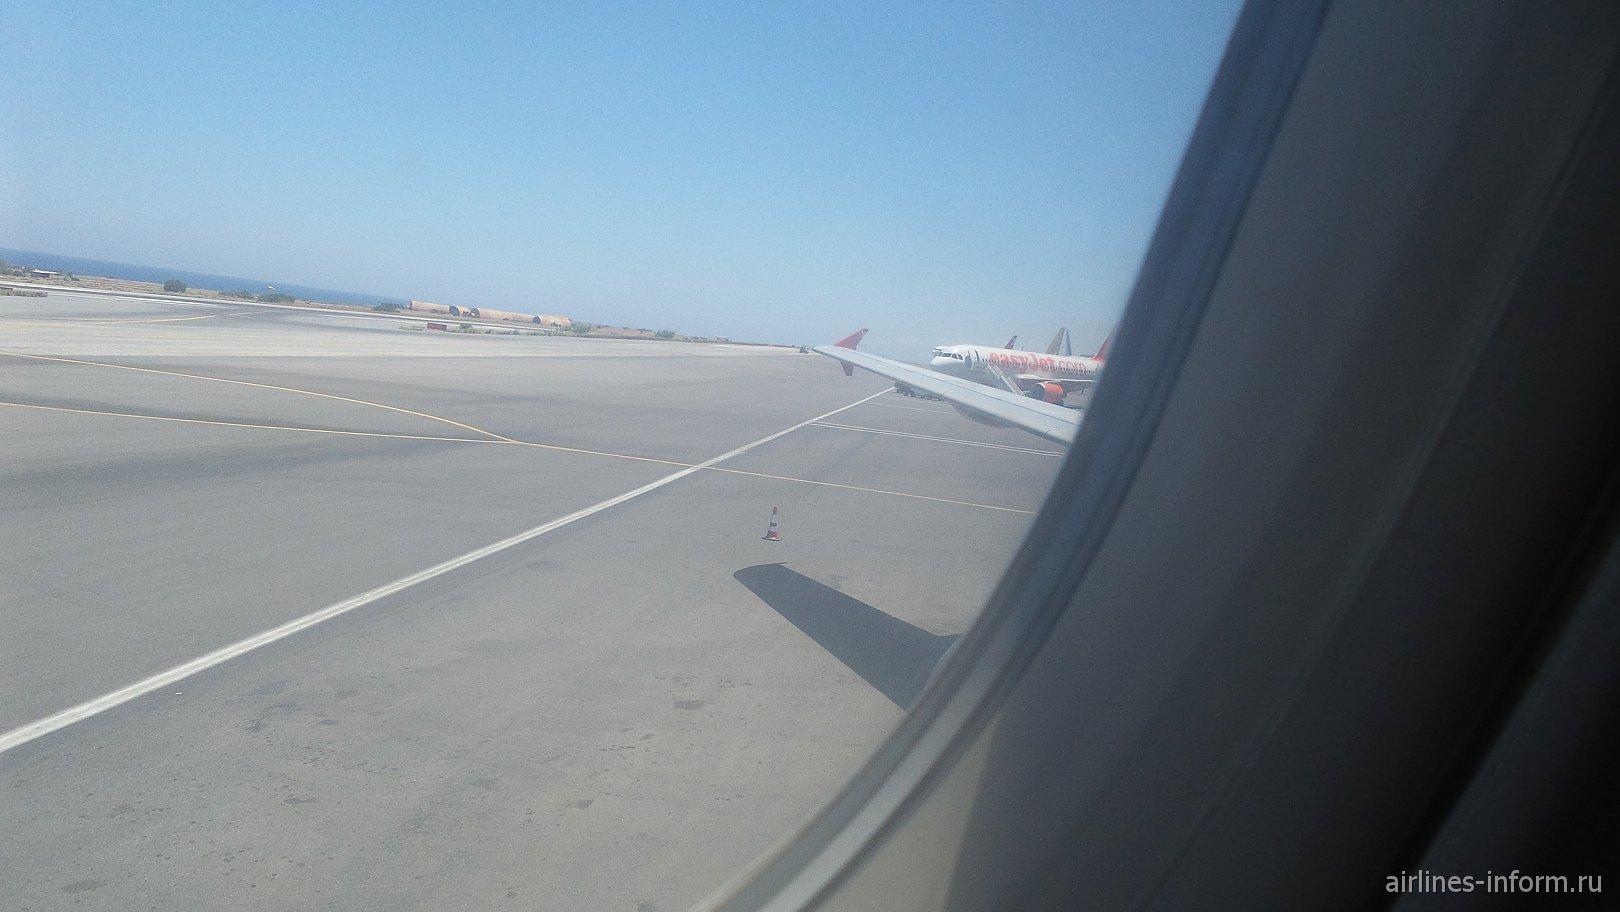 Летное поле,крыло нашей птички,и самолеты на стоянке,в частности Лоу-костер EasyJet .Кажется А320.